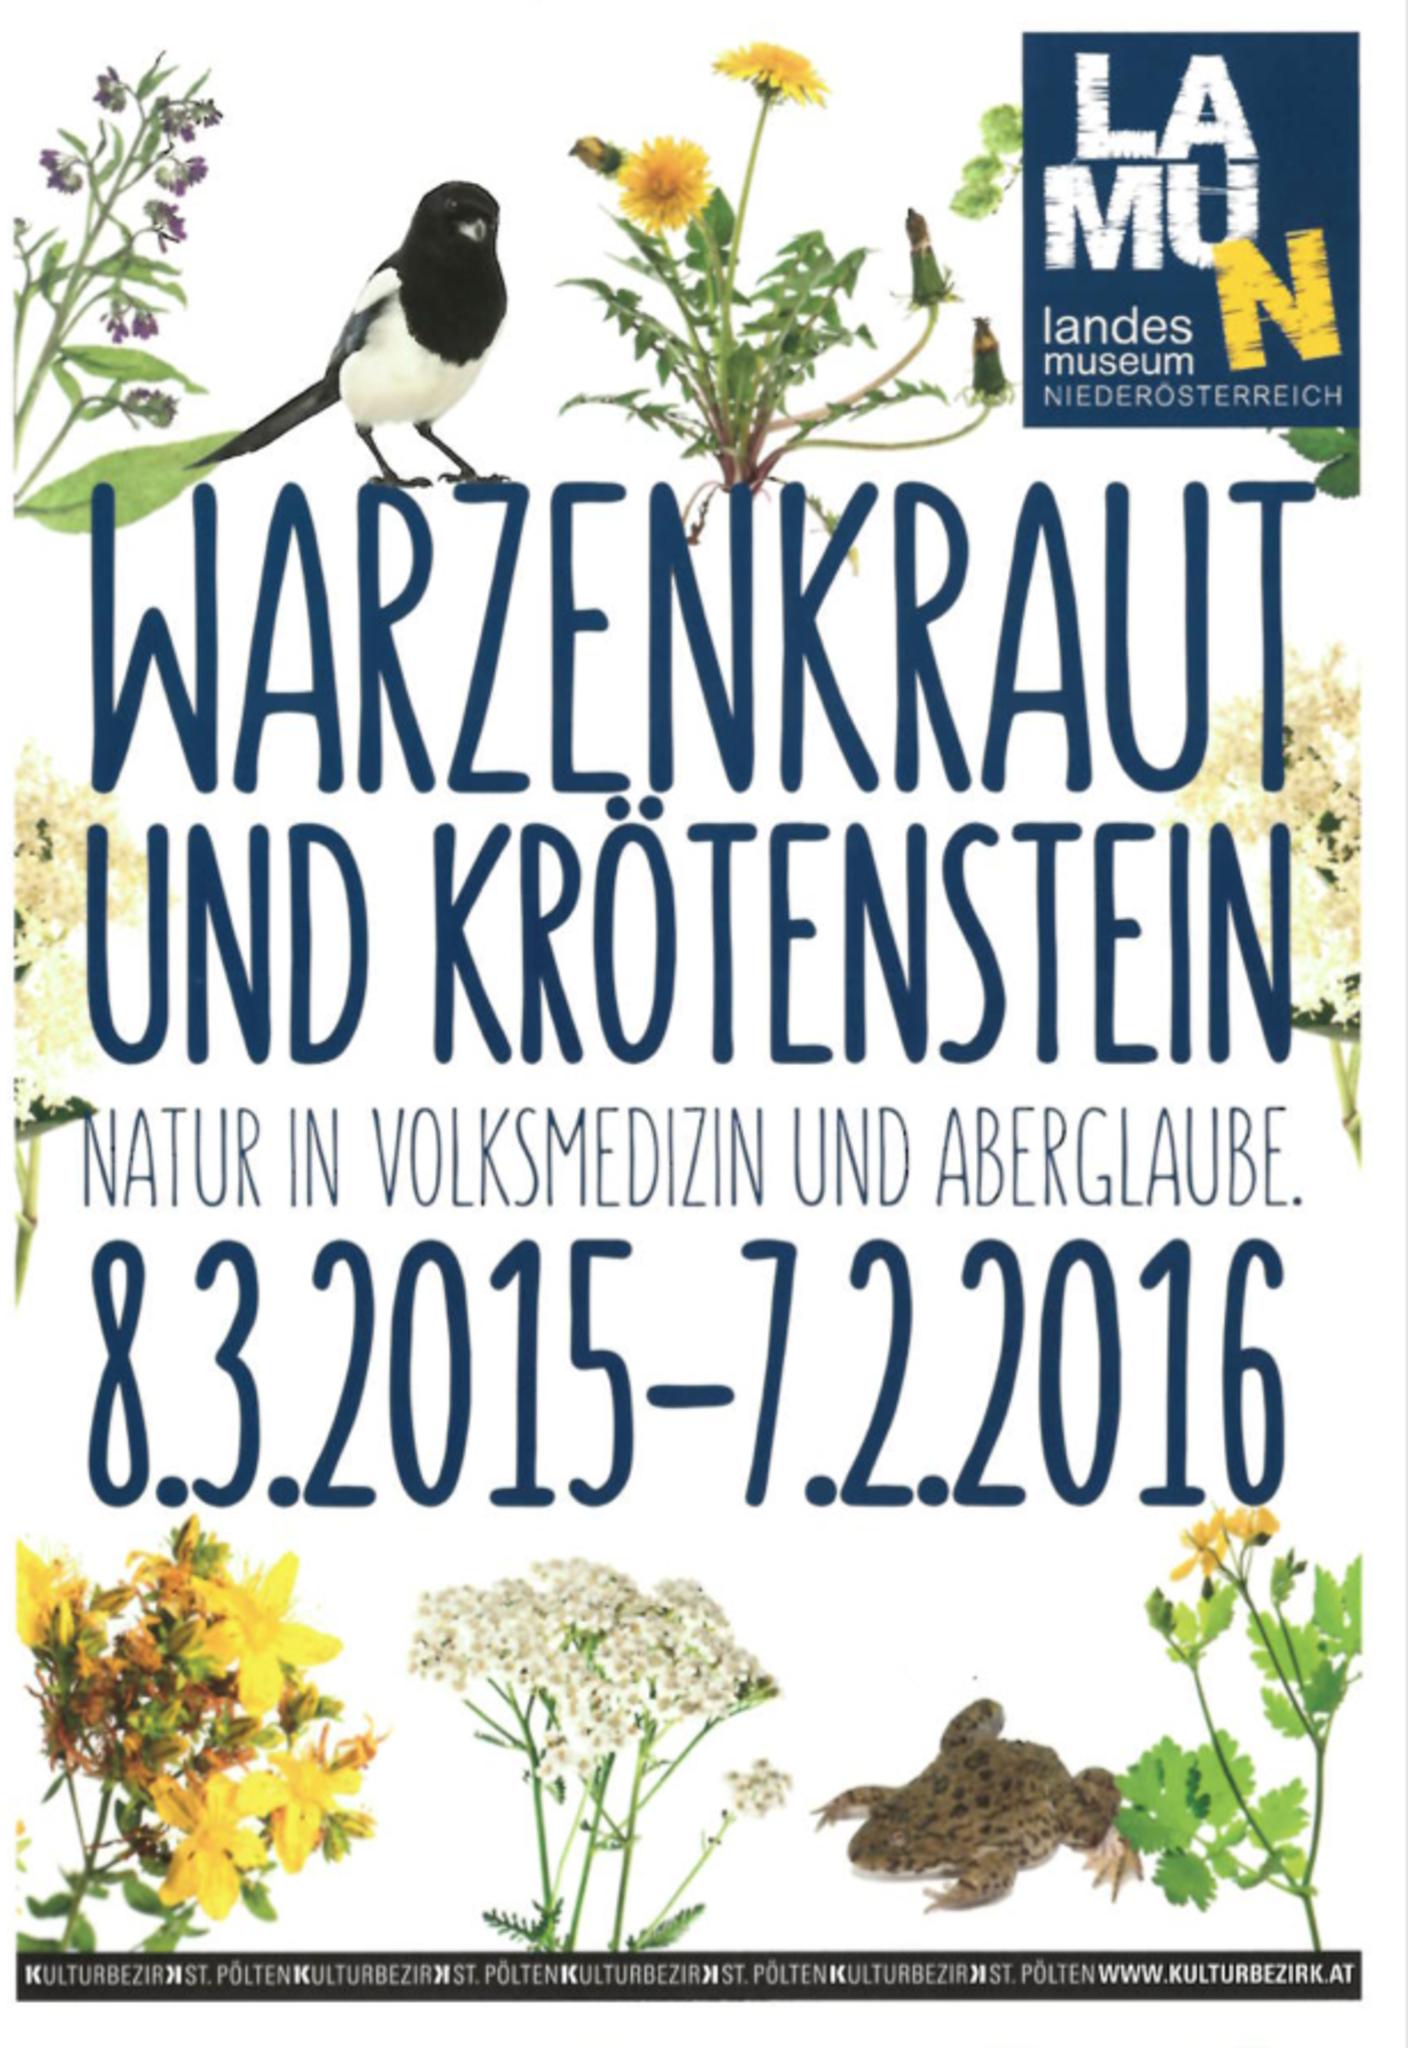 Warzenkraut + Krötenstein - Natur in Volksmedizin und Aberglaube